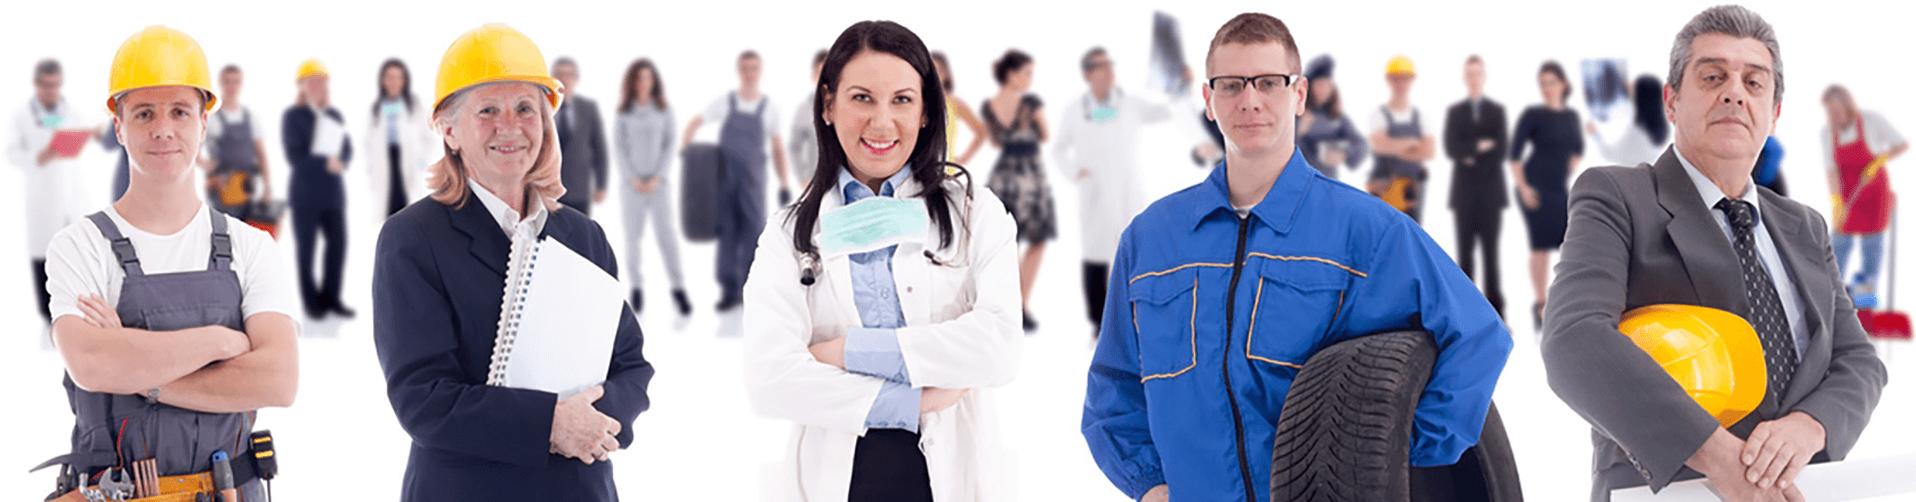 Mutuelle Santé et Prévoyance Collective à Adhésion Obligatoire